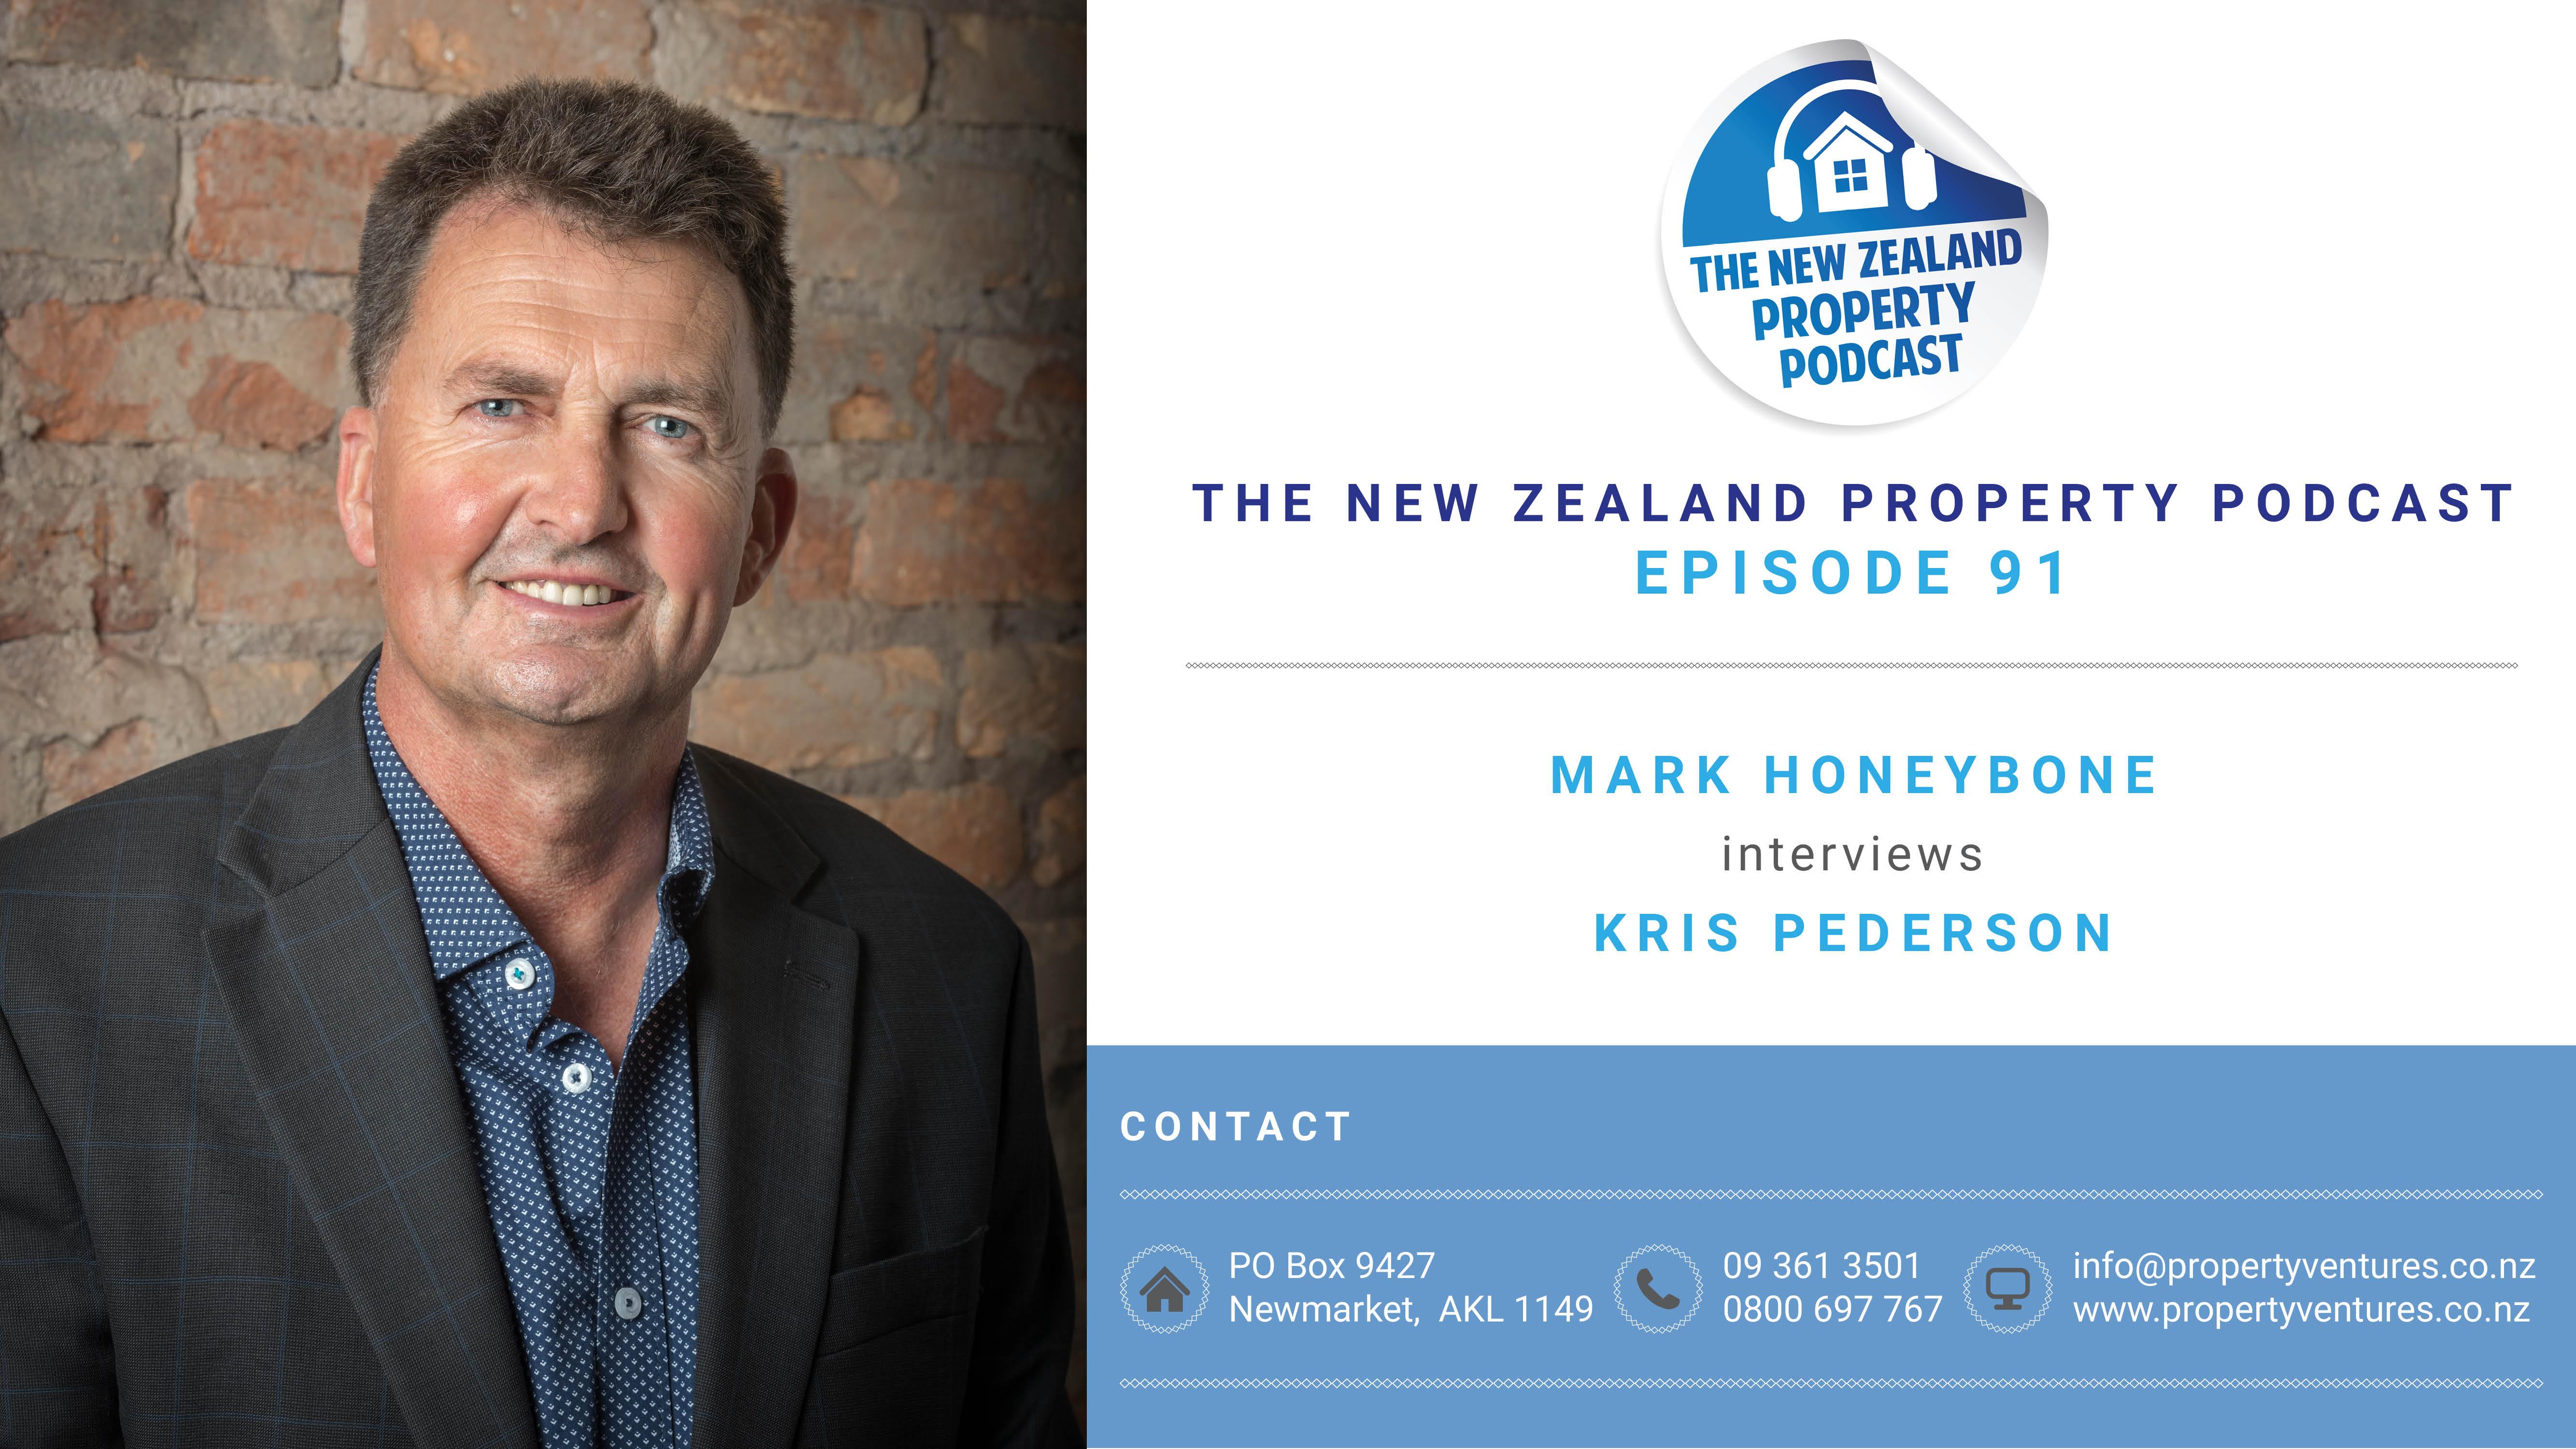 New Zealand Property Podcast: Episode 91